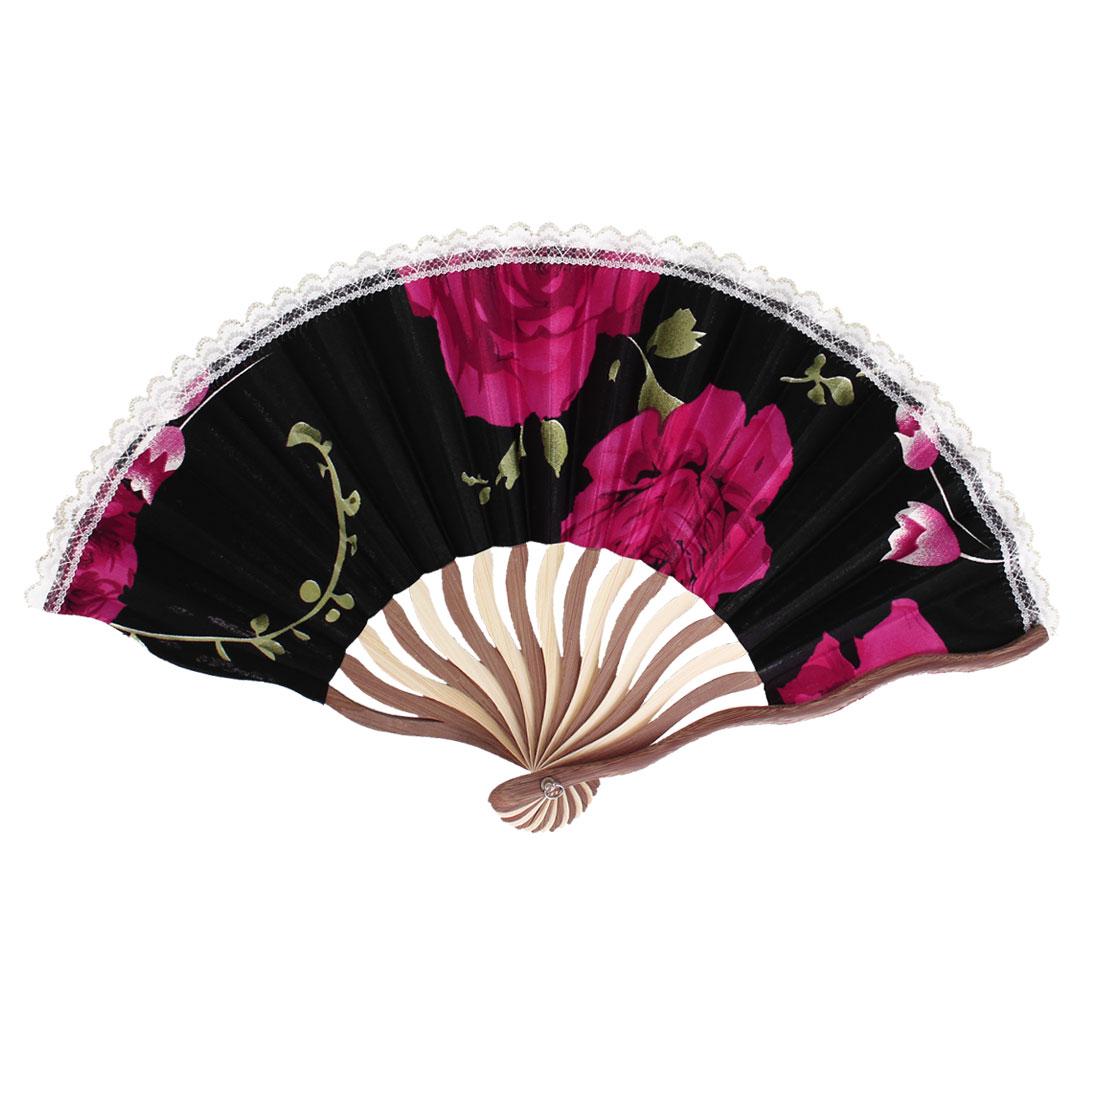 Wood Frame Flowers Pattern Lace Rim Dancing Party Folding Hand Fan Black